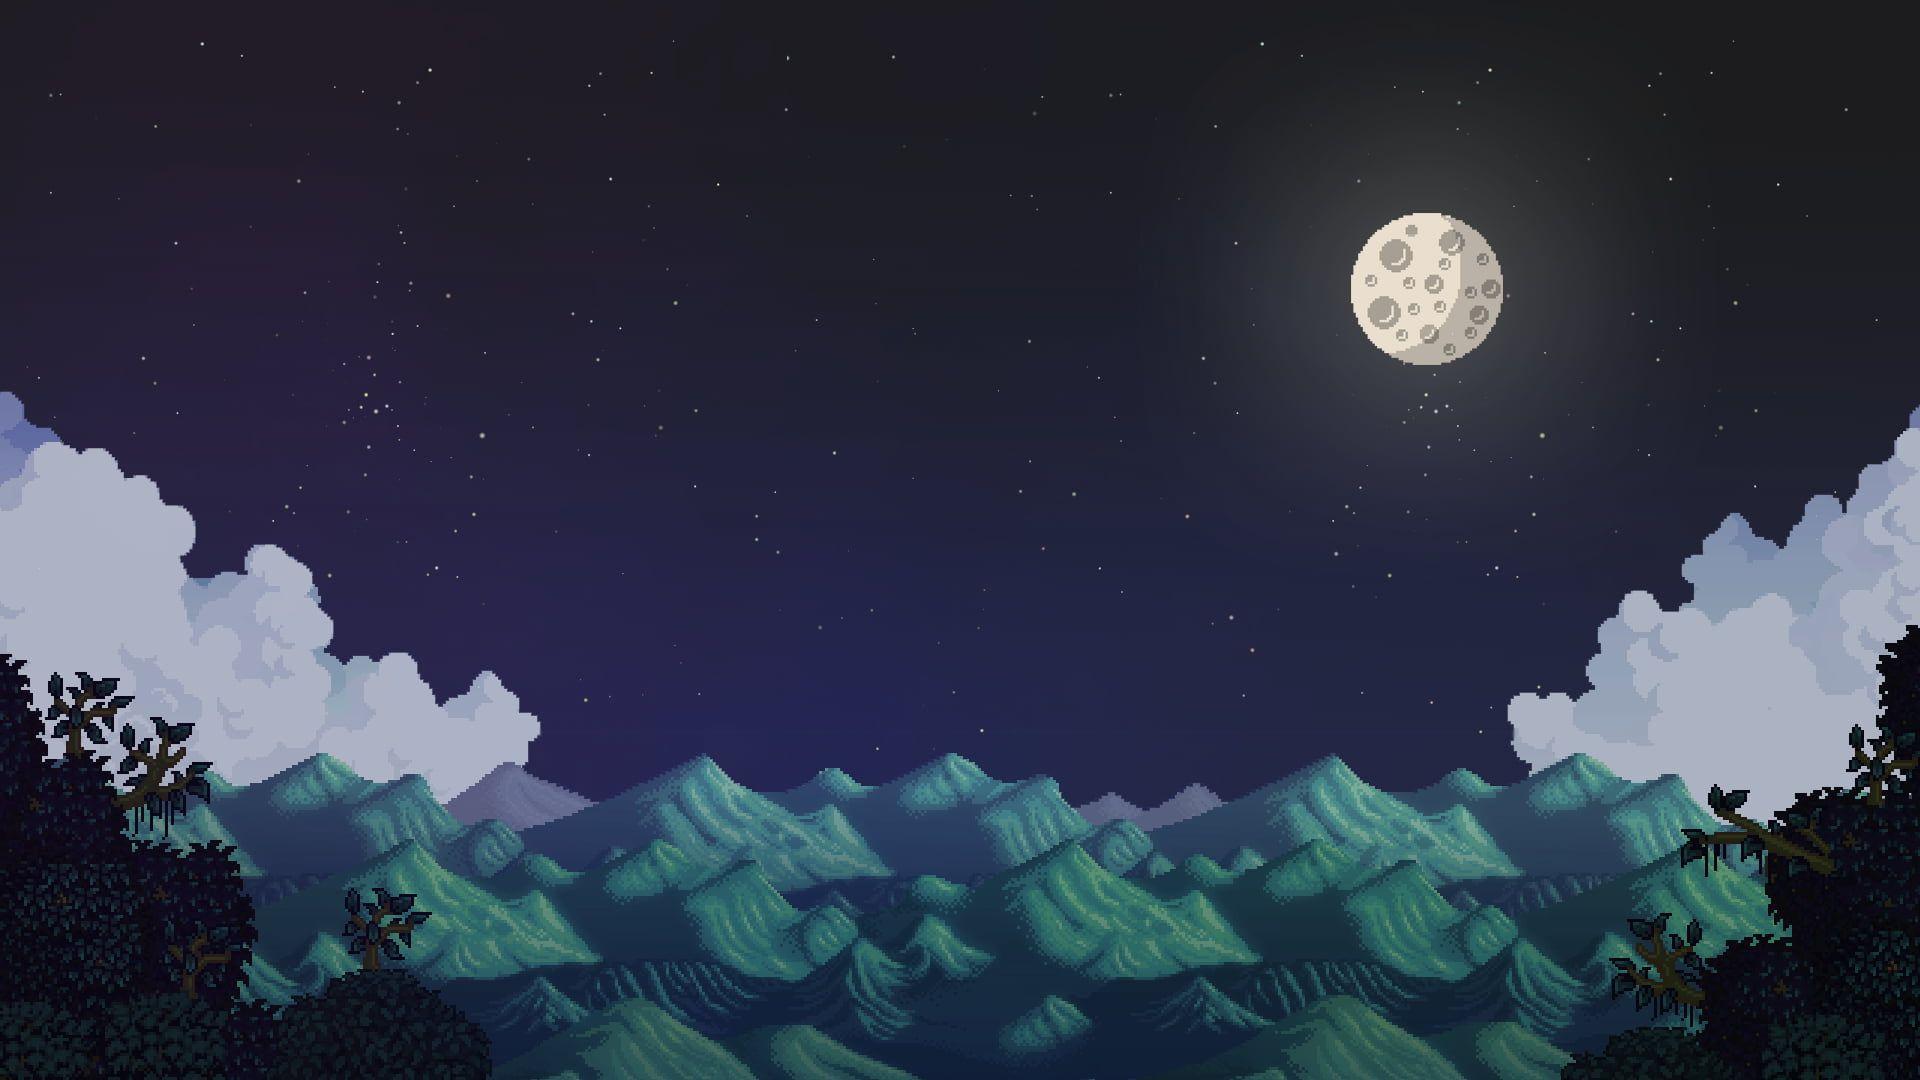 Stardew Valley Moon Landscape Pixel Art 1080p Wallpaper Hdwallpaper Desktop Desktop Wallpaper Art Stardew Valley Wallpaper